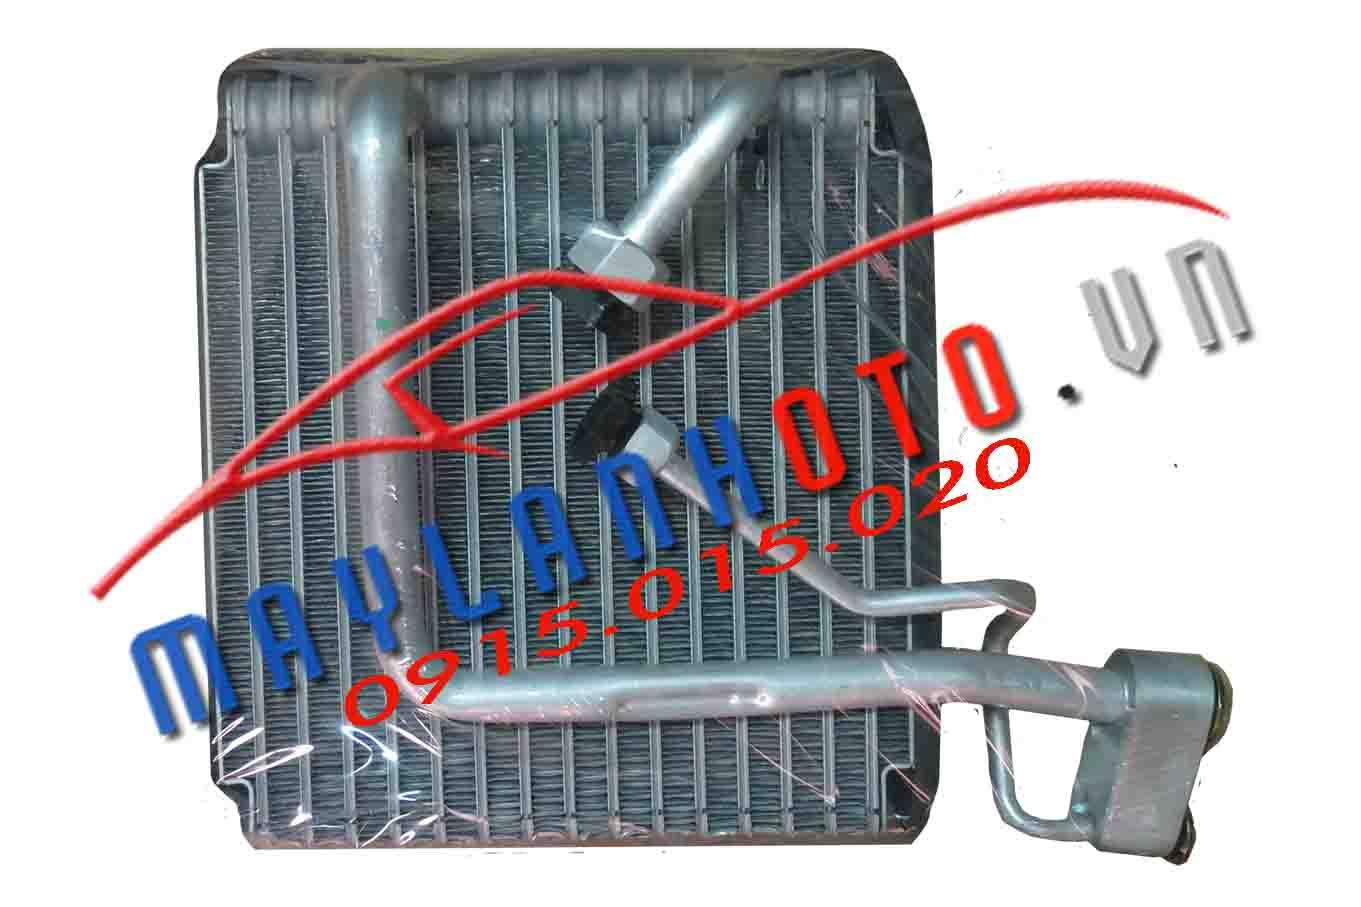 Ford Ranger 02-05 / Dàn lạnh Ford Ranger 2002-2005 / Giàn lạnh Ford Ranger 2002-2005